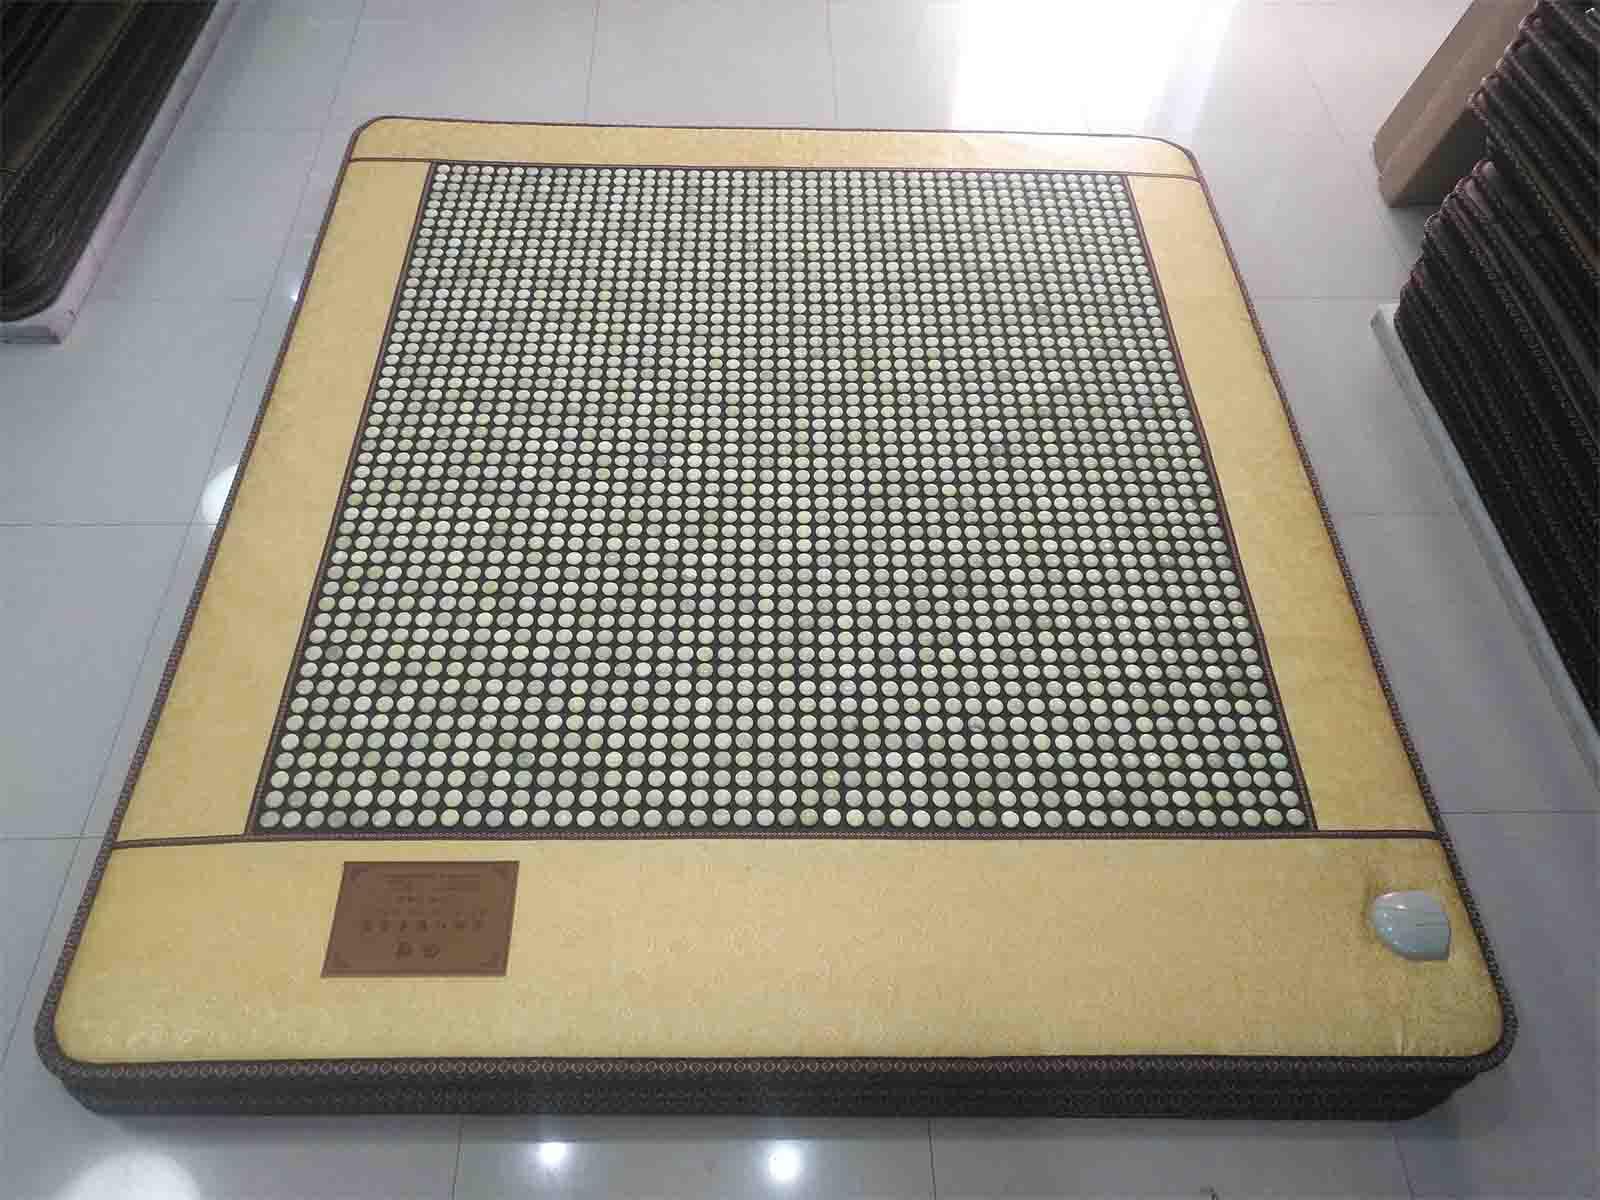 玉石加热床垫供应-大量供应出售高品质玉石加热床垫